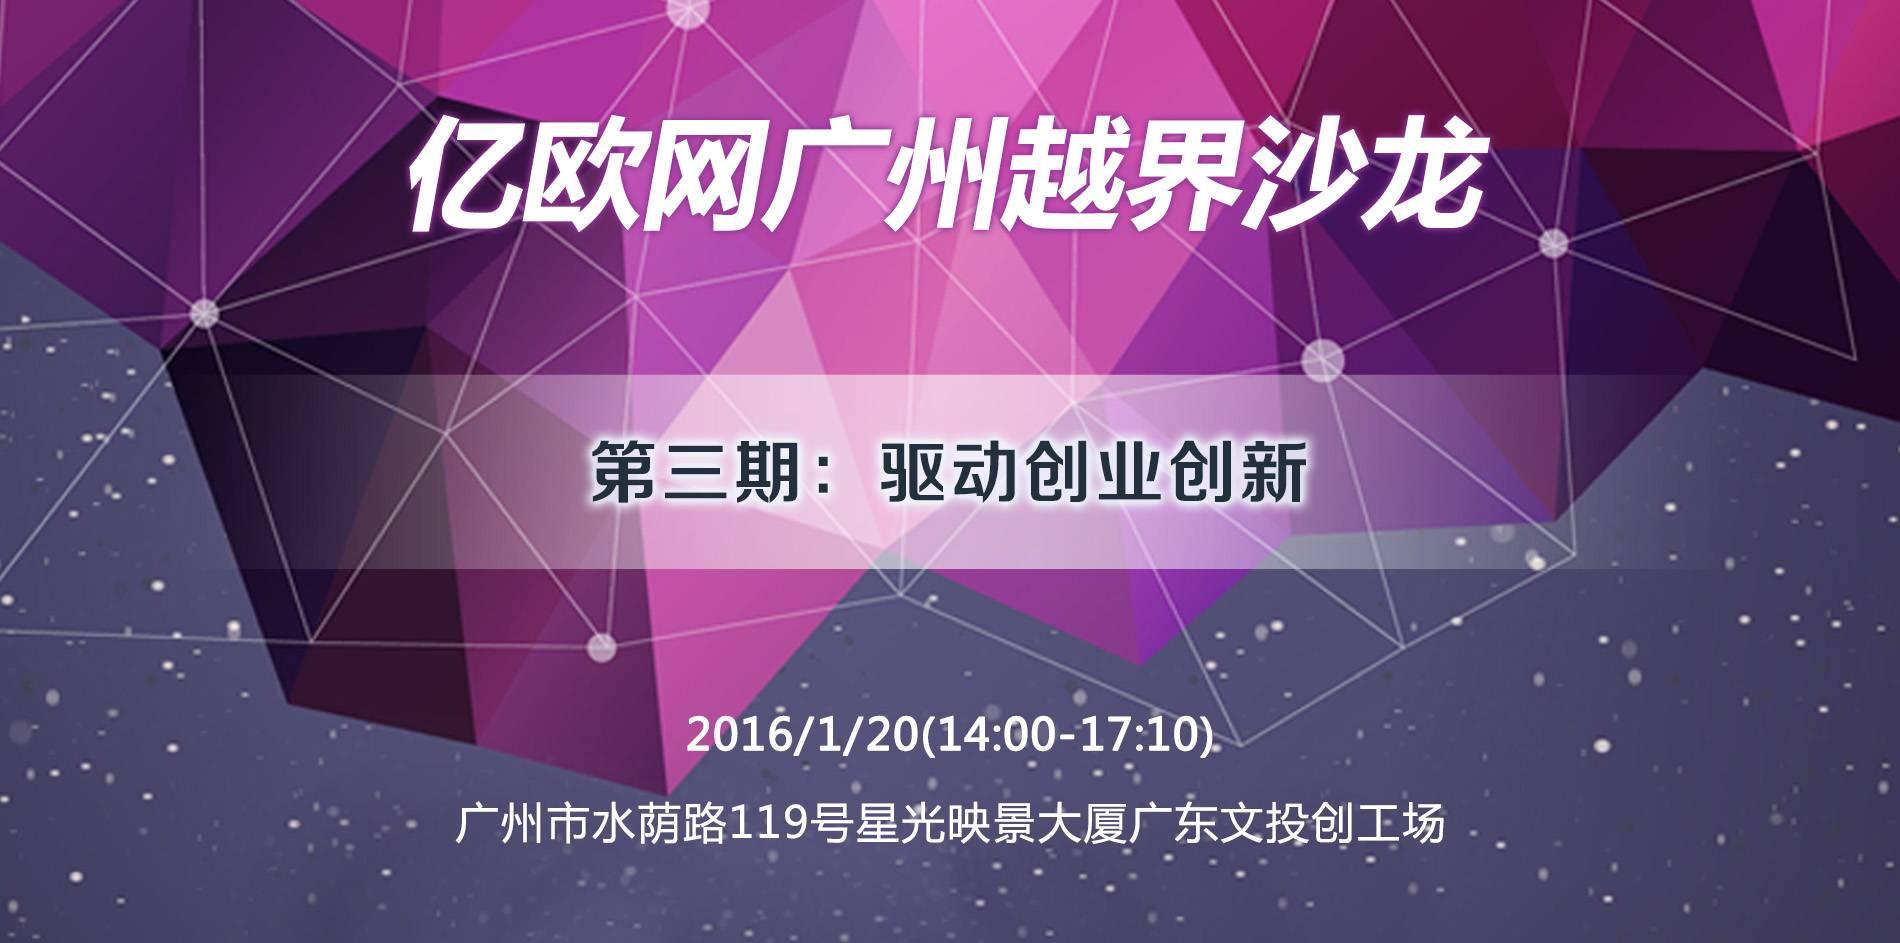 亿欧网广州越界沙龙第3期·驱动创业创新(1月20日)